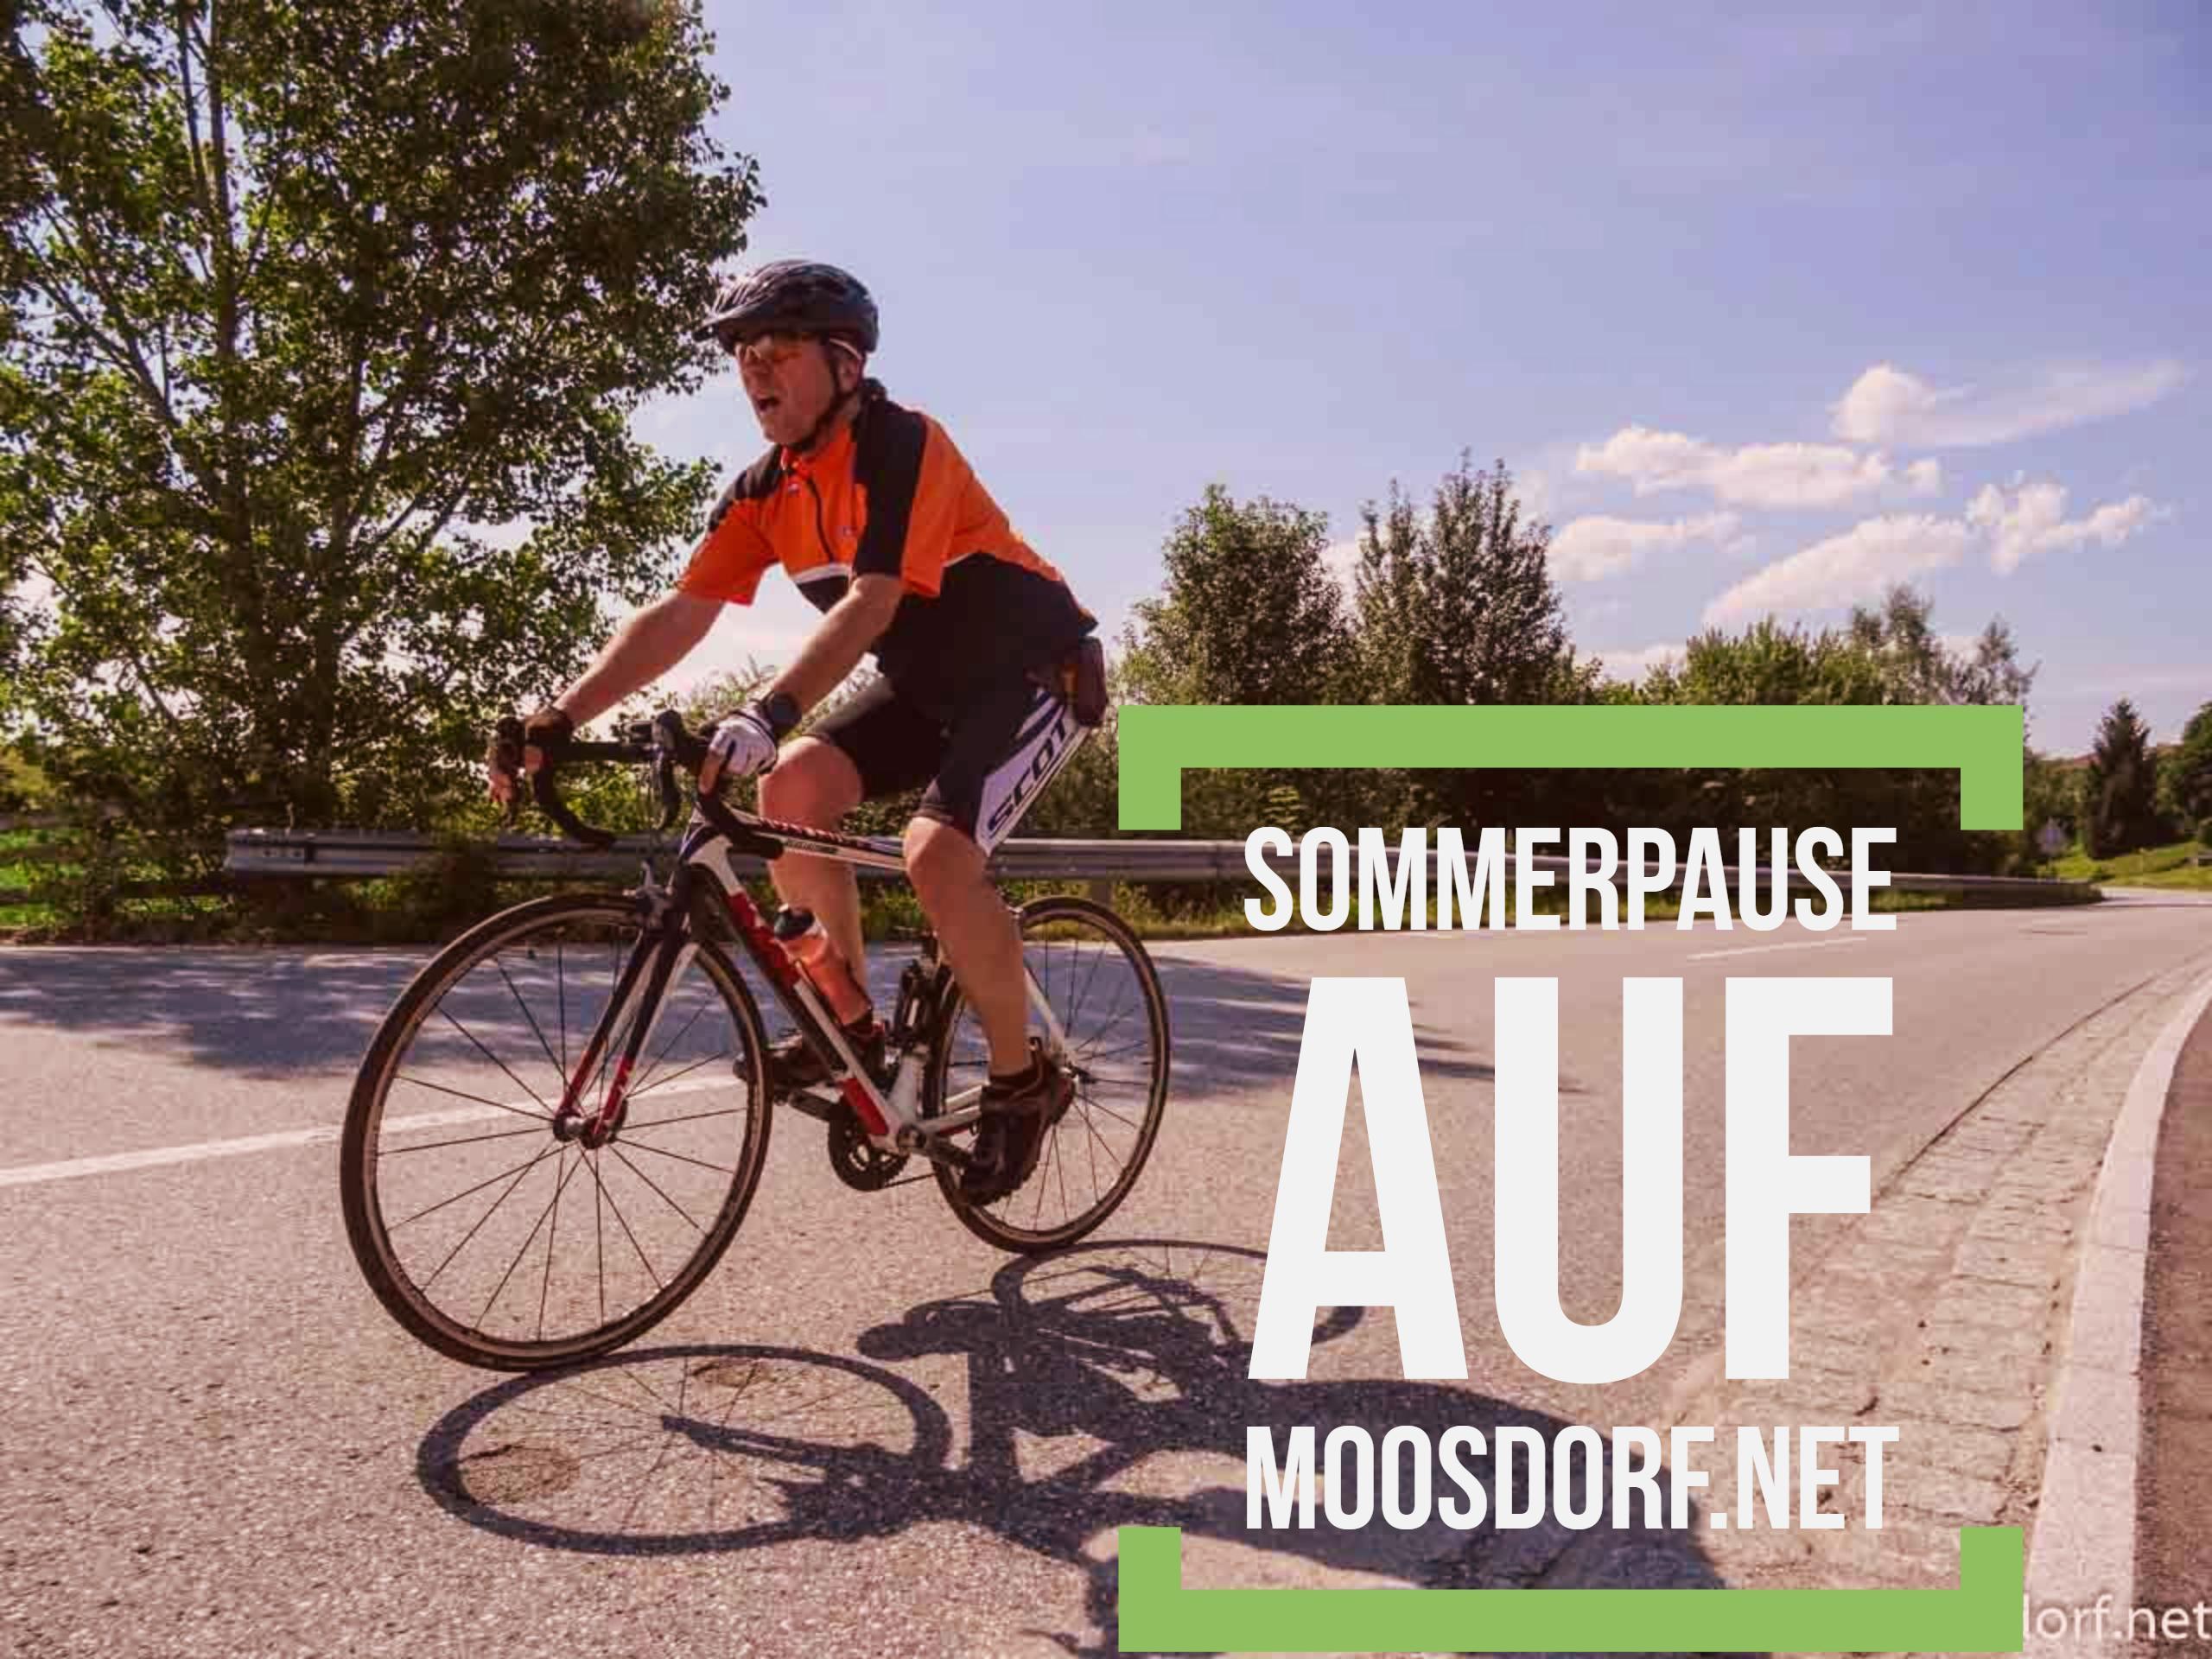 Sommerpause bei Moosdorf.net